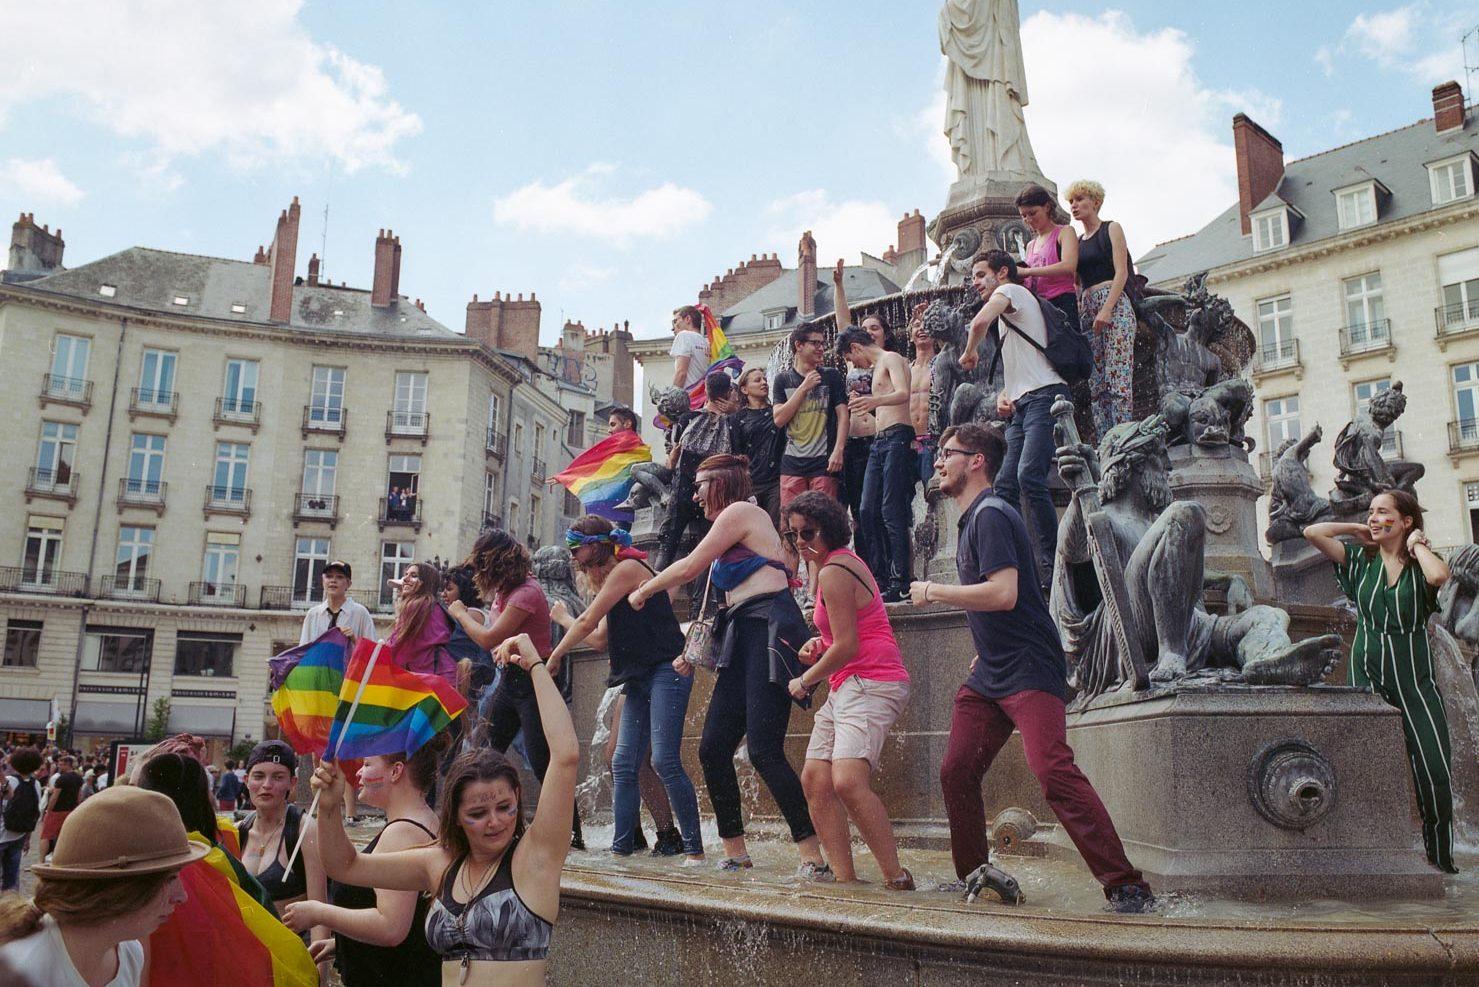 La Gay Pride 2018 de Nantes